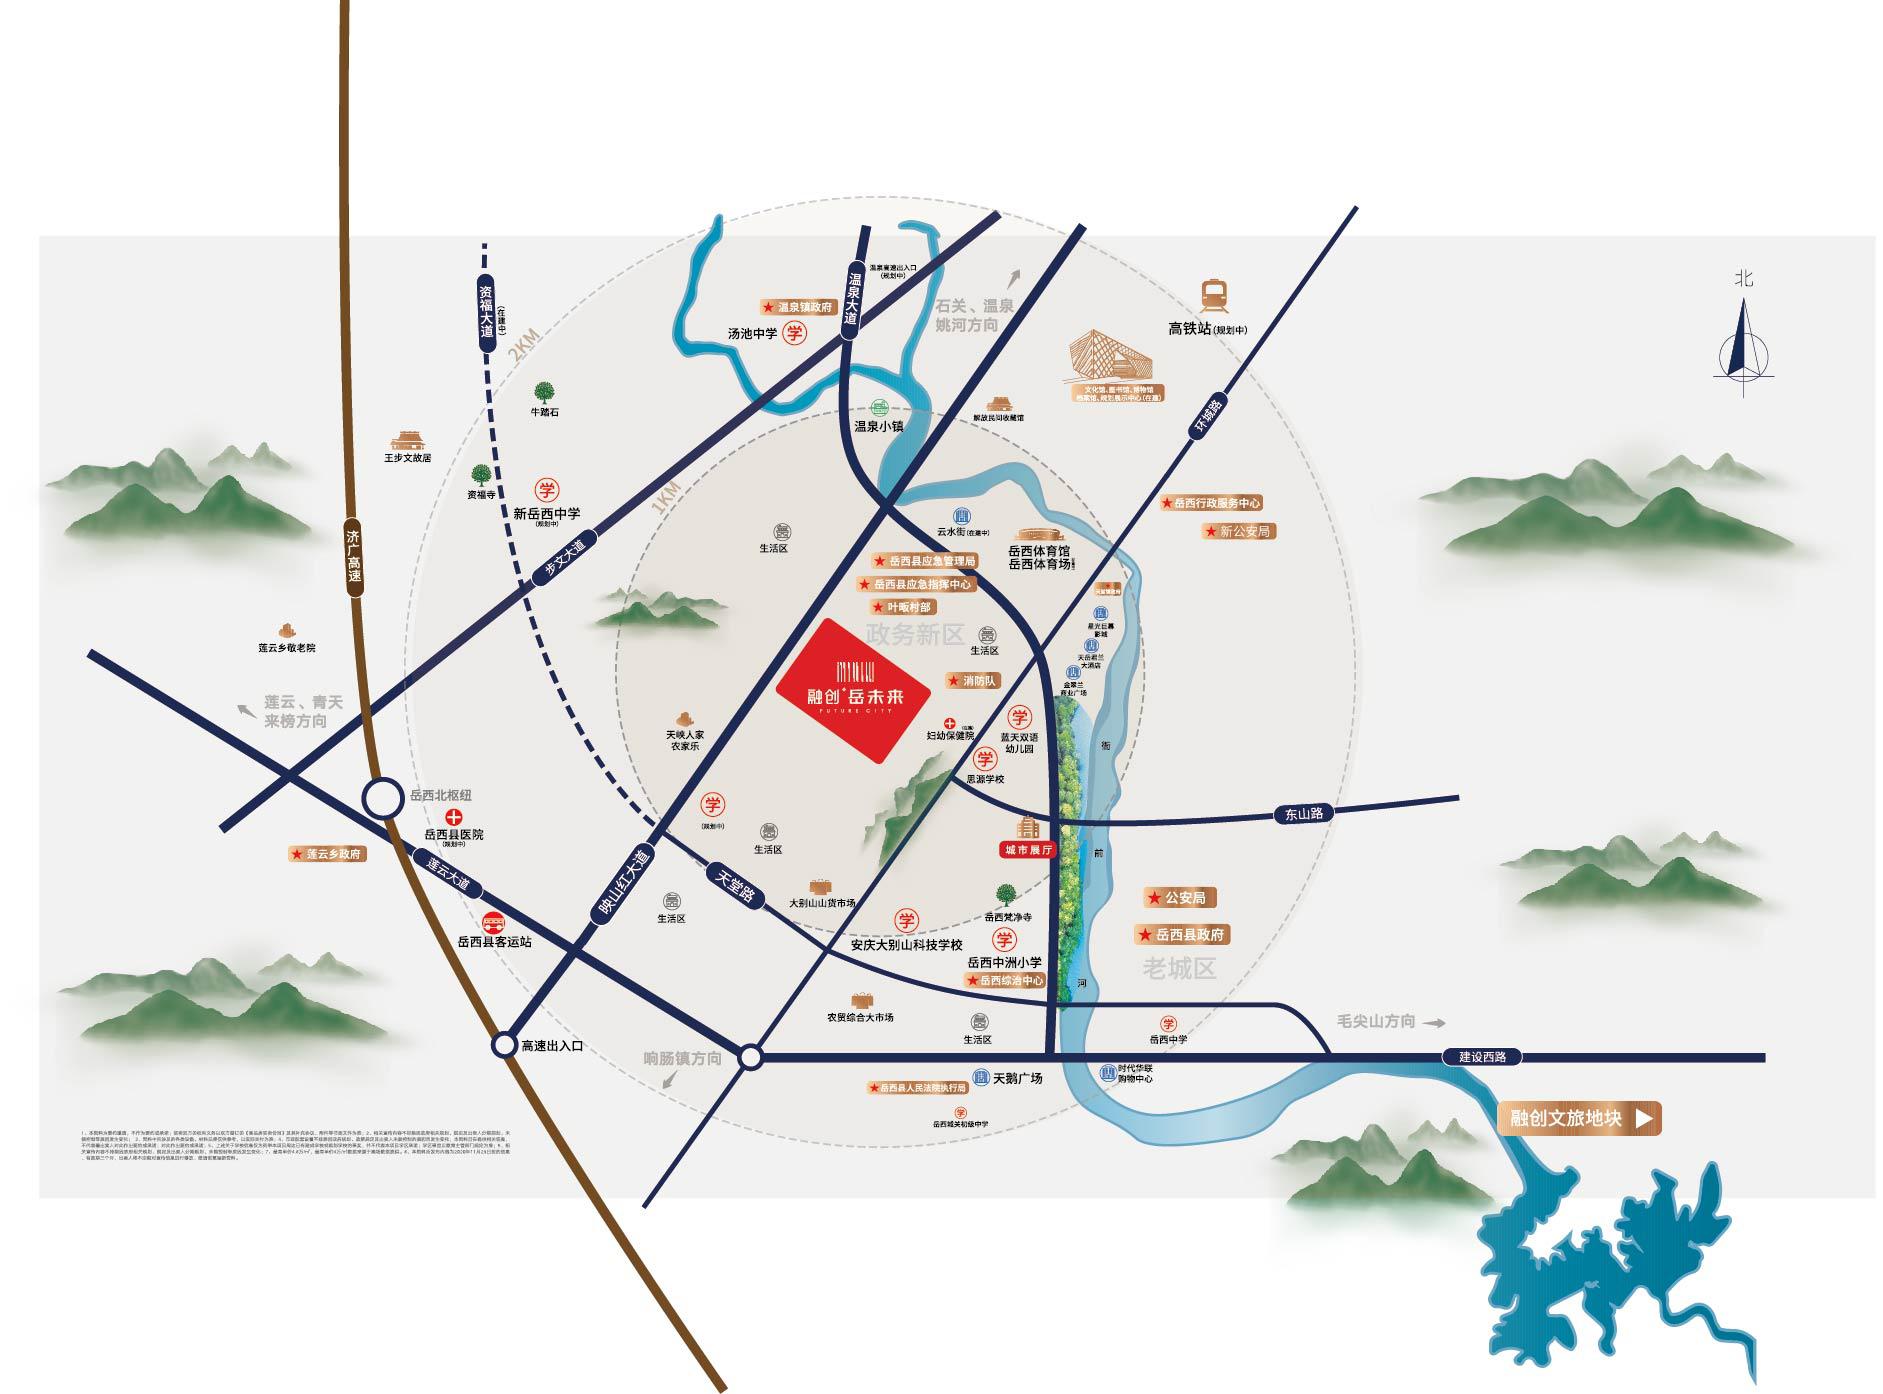 融创·岳未来交通图